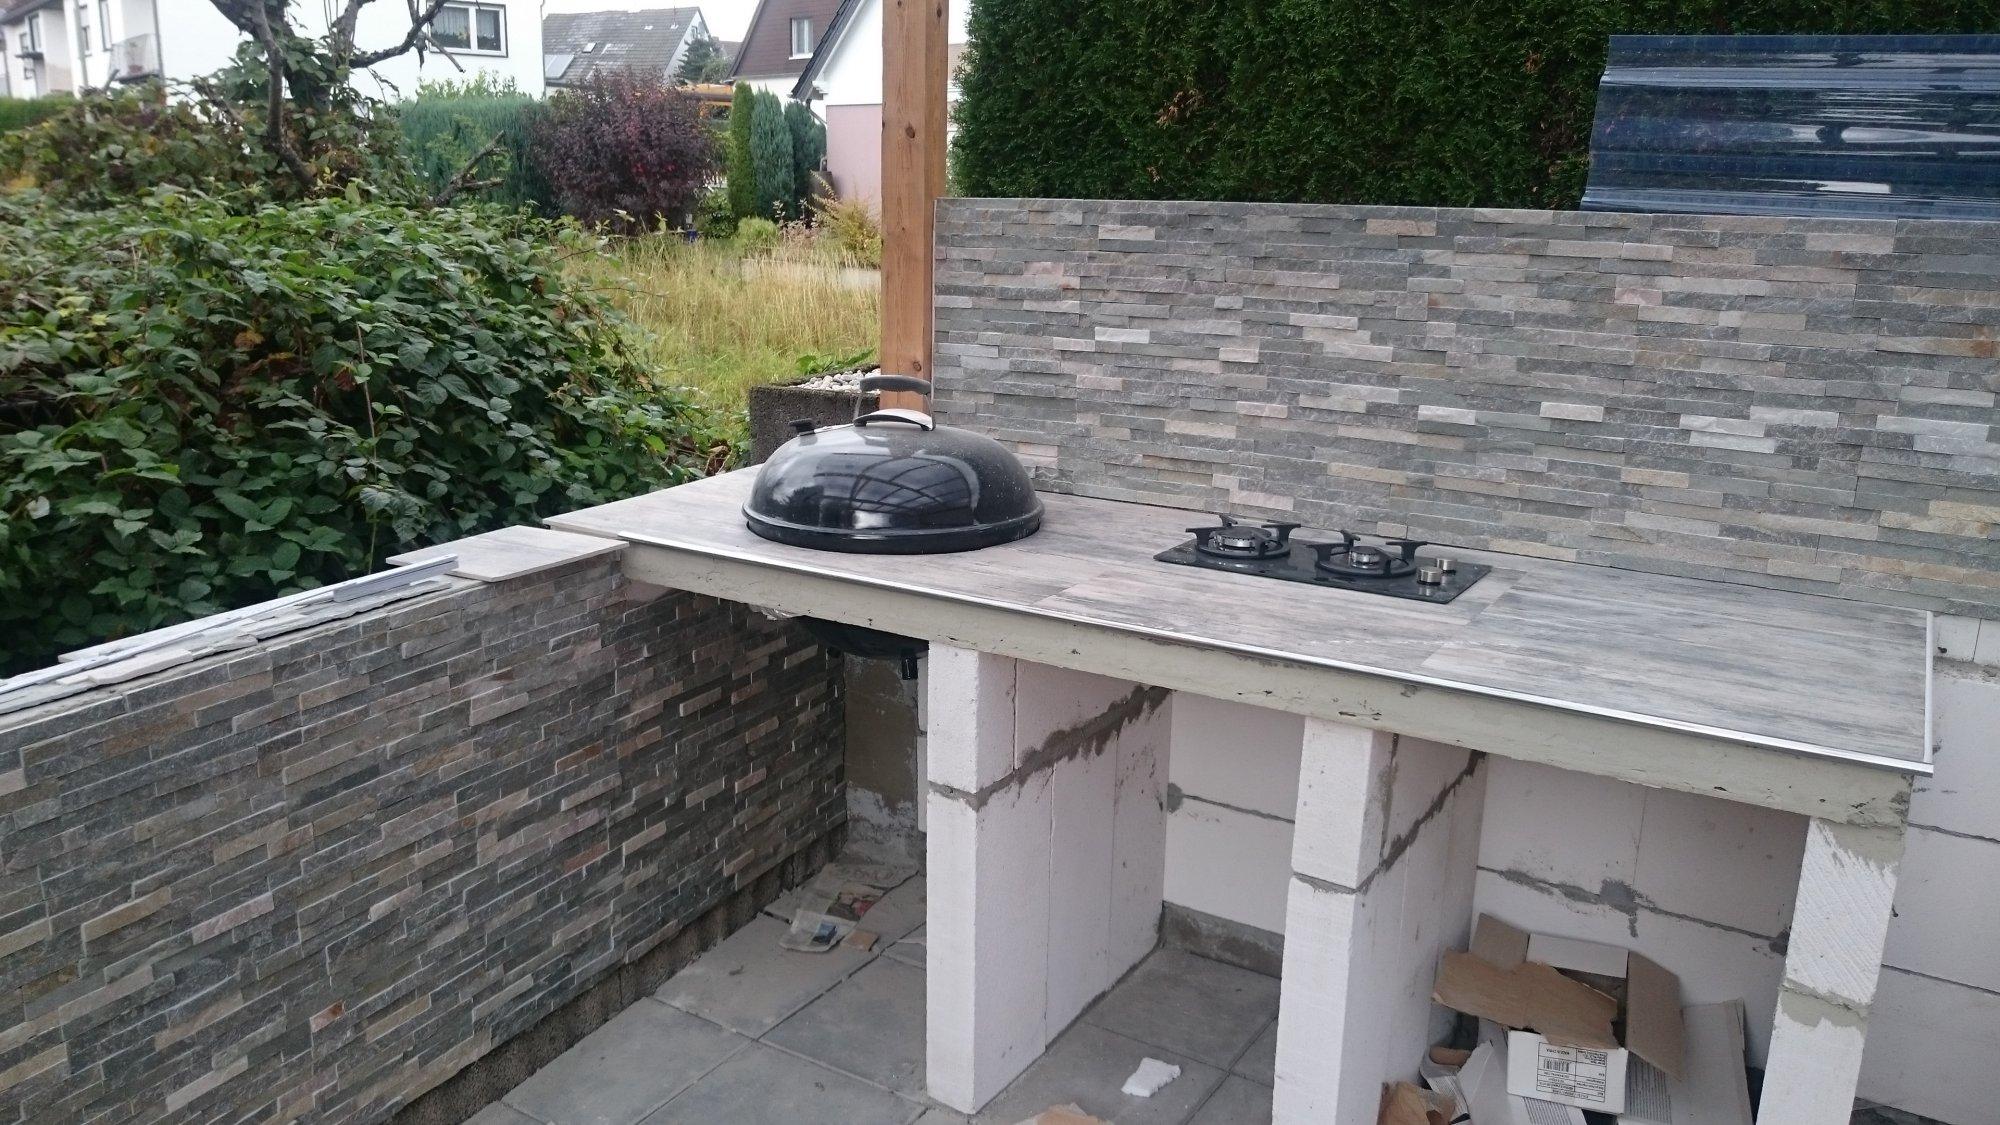 Outdoor Küche Grillsportverein : Meine kleine outdoorküche seite grillforum und bbq